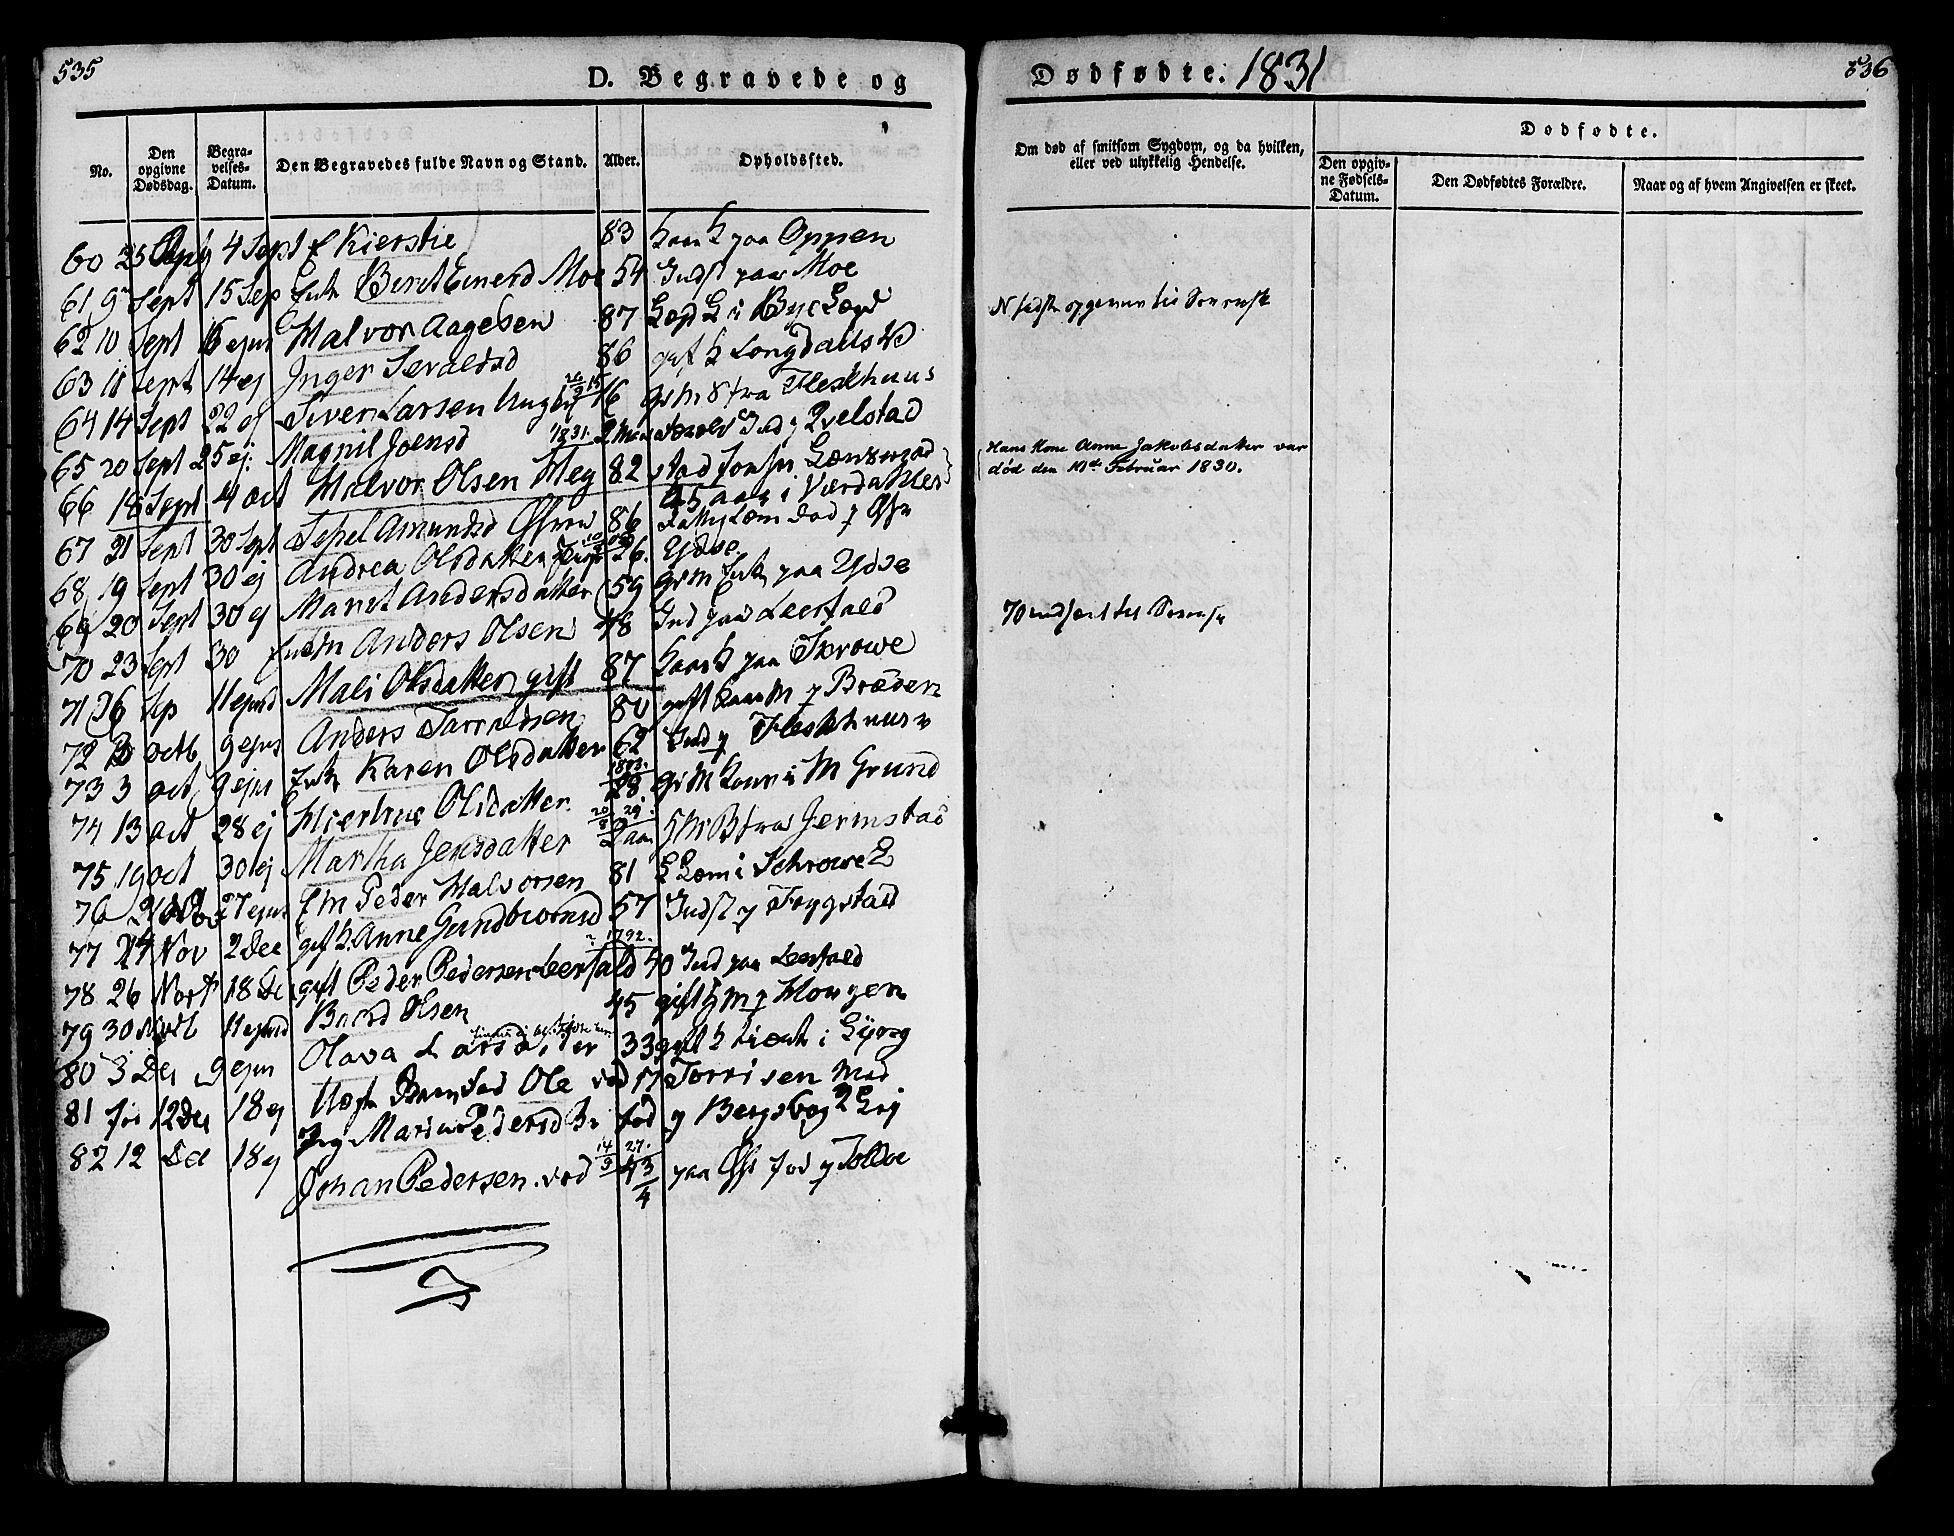 SAT, Ministerialprotokoller, klokkerbøker og fødselsregistre - Nord-Trøndelag, 723/L0238: Ministerialbok nr. 723A07, 1831-1840, s. 535-536